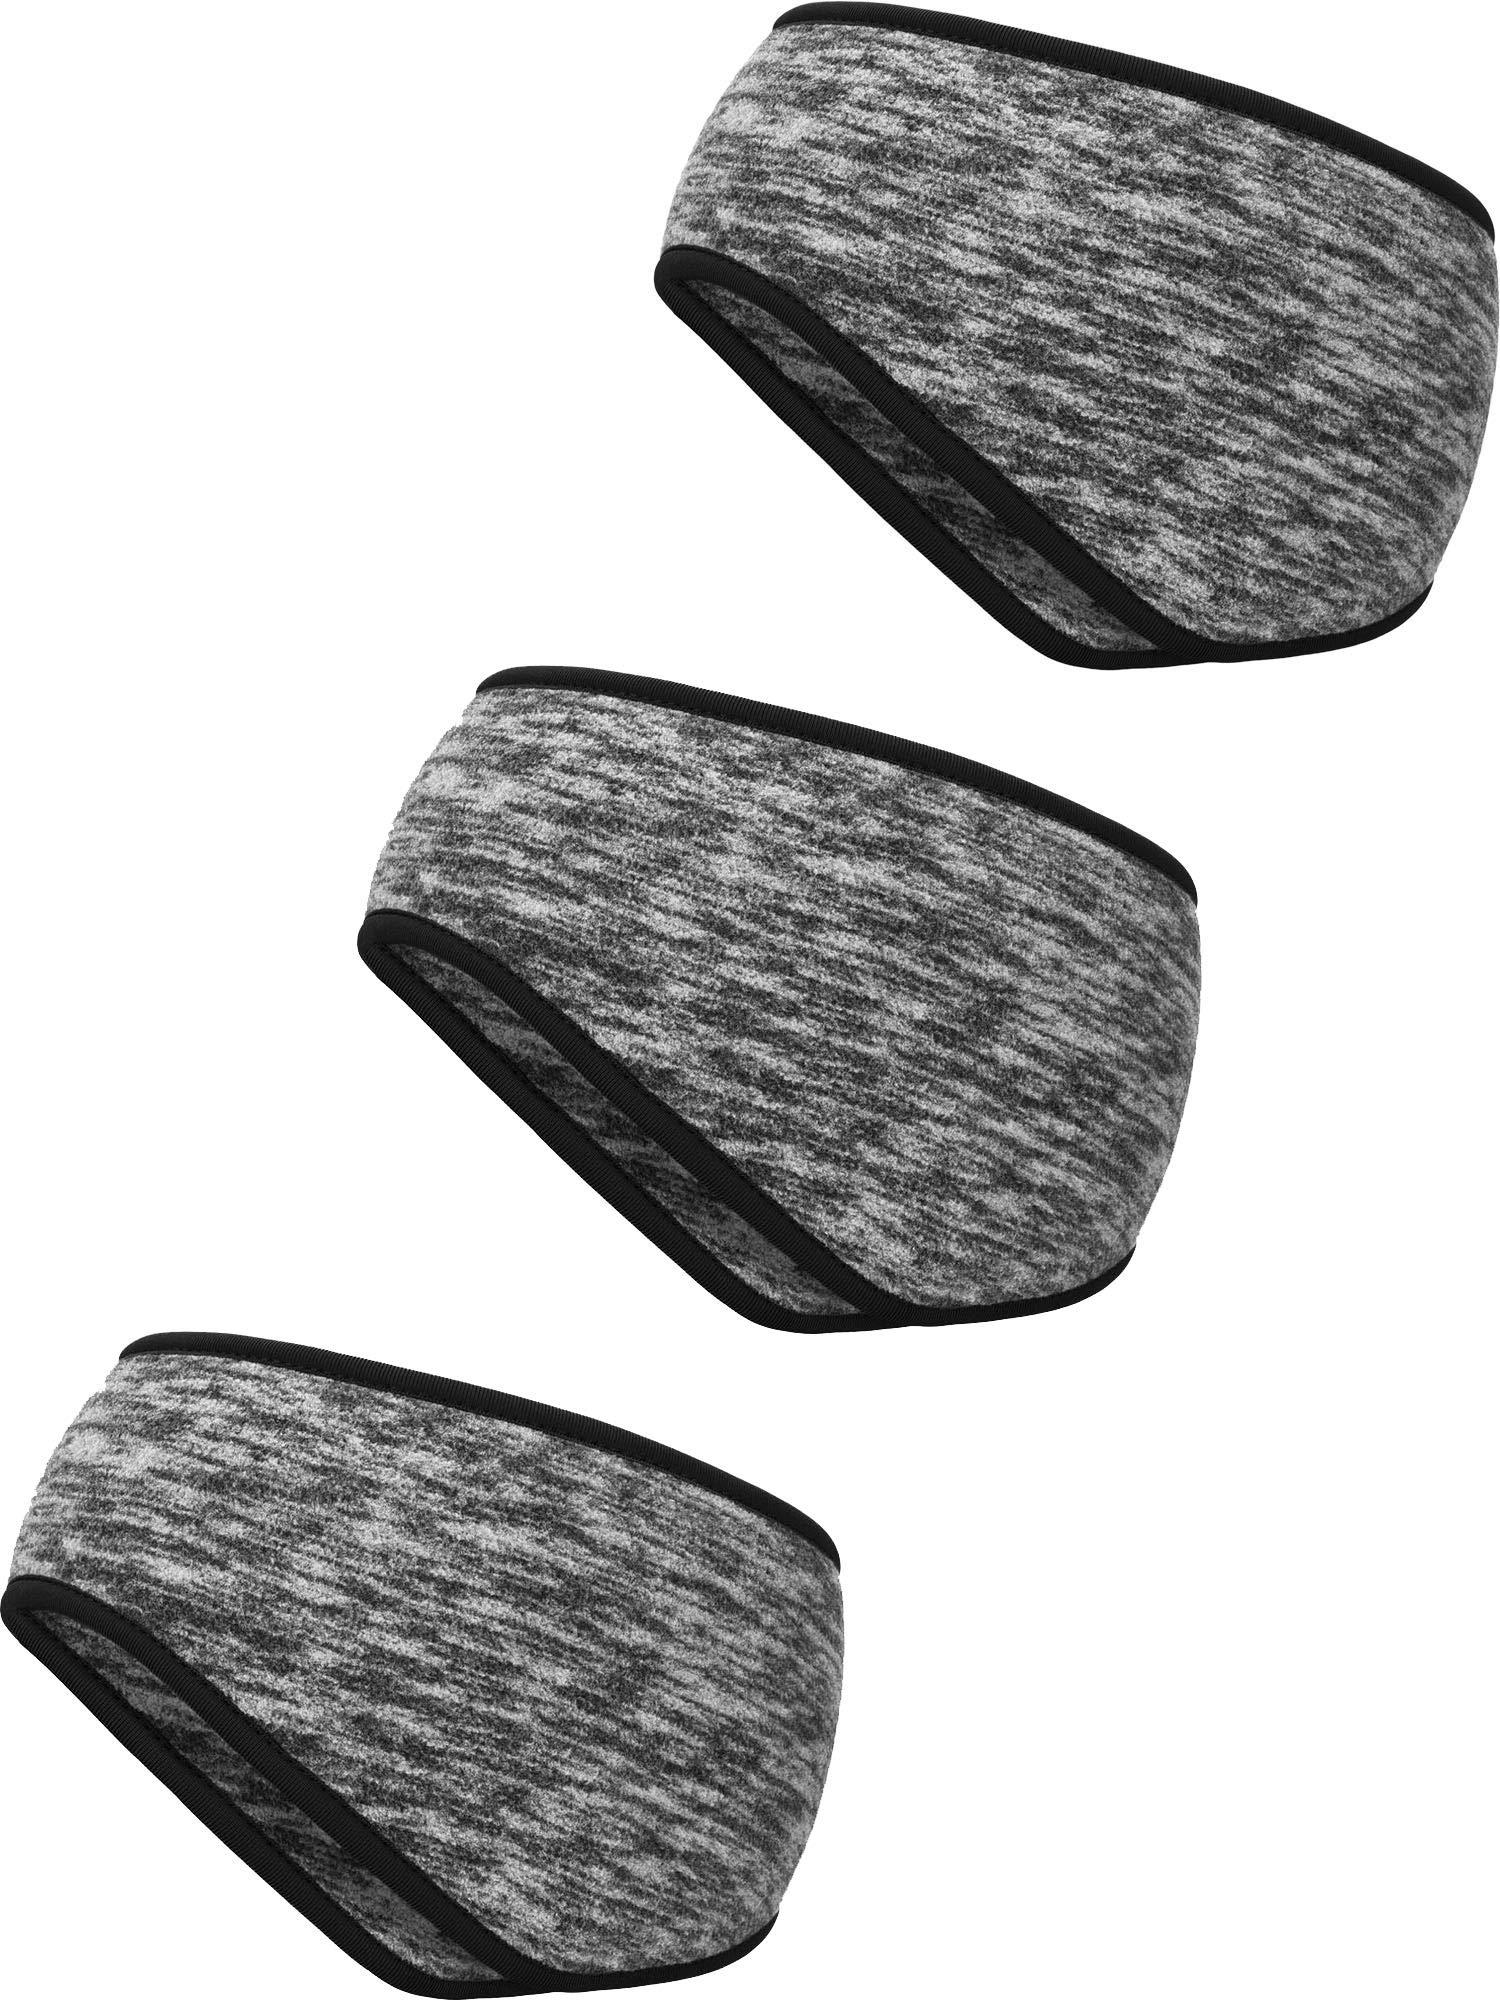 Blulu 3 Stück Ohr Wärmer Stirnband Vollständige Abdeckung Ohrenschützer Stirnband Sport Stirnband für Außeneinsatz Sport Fitness